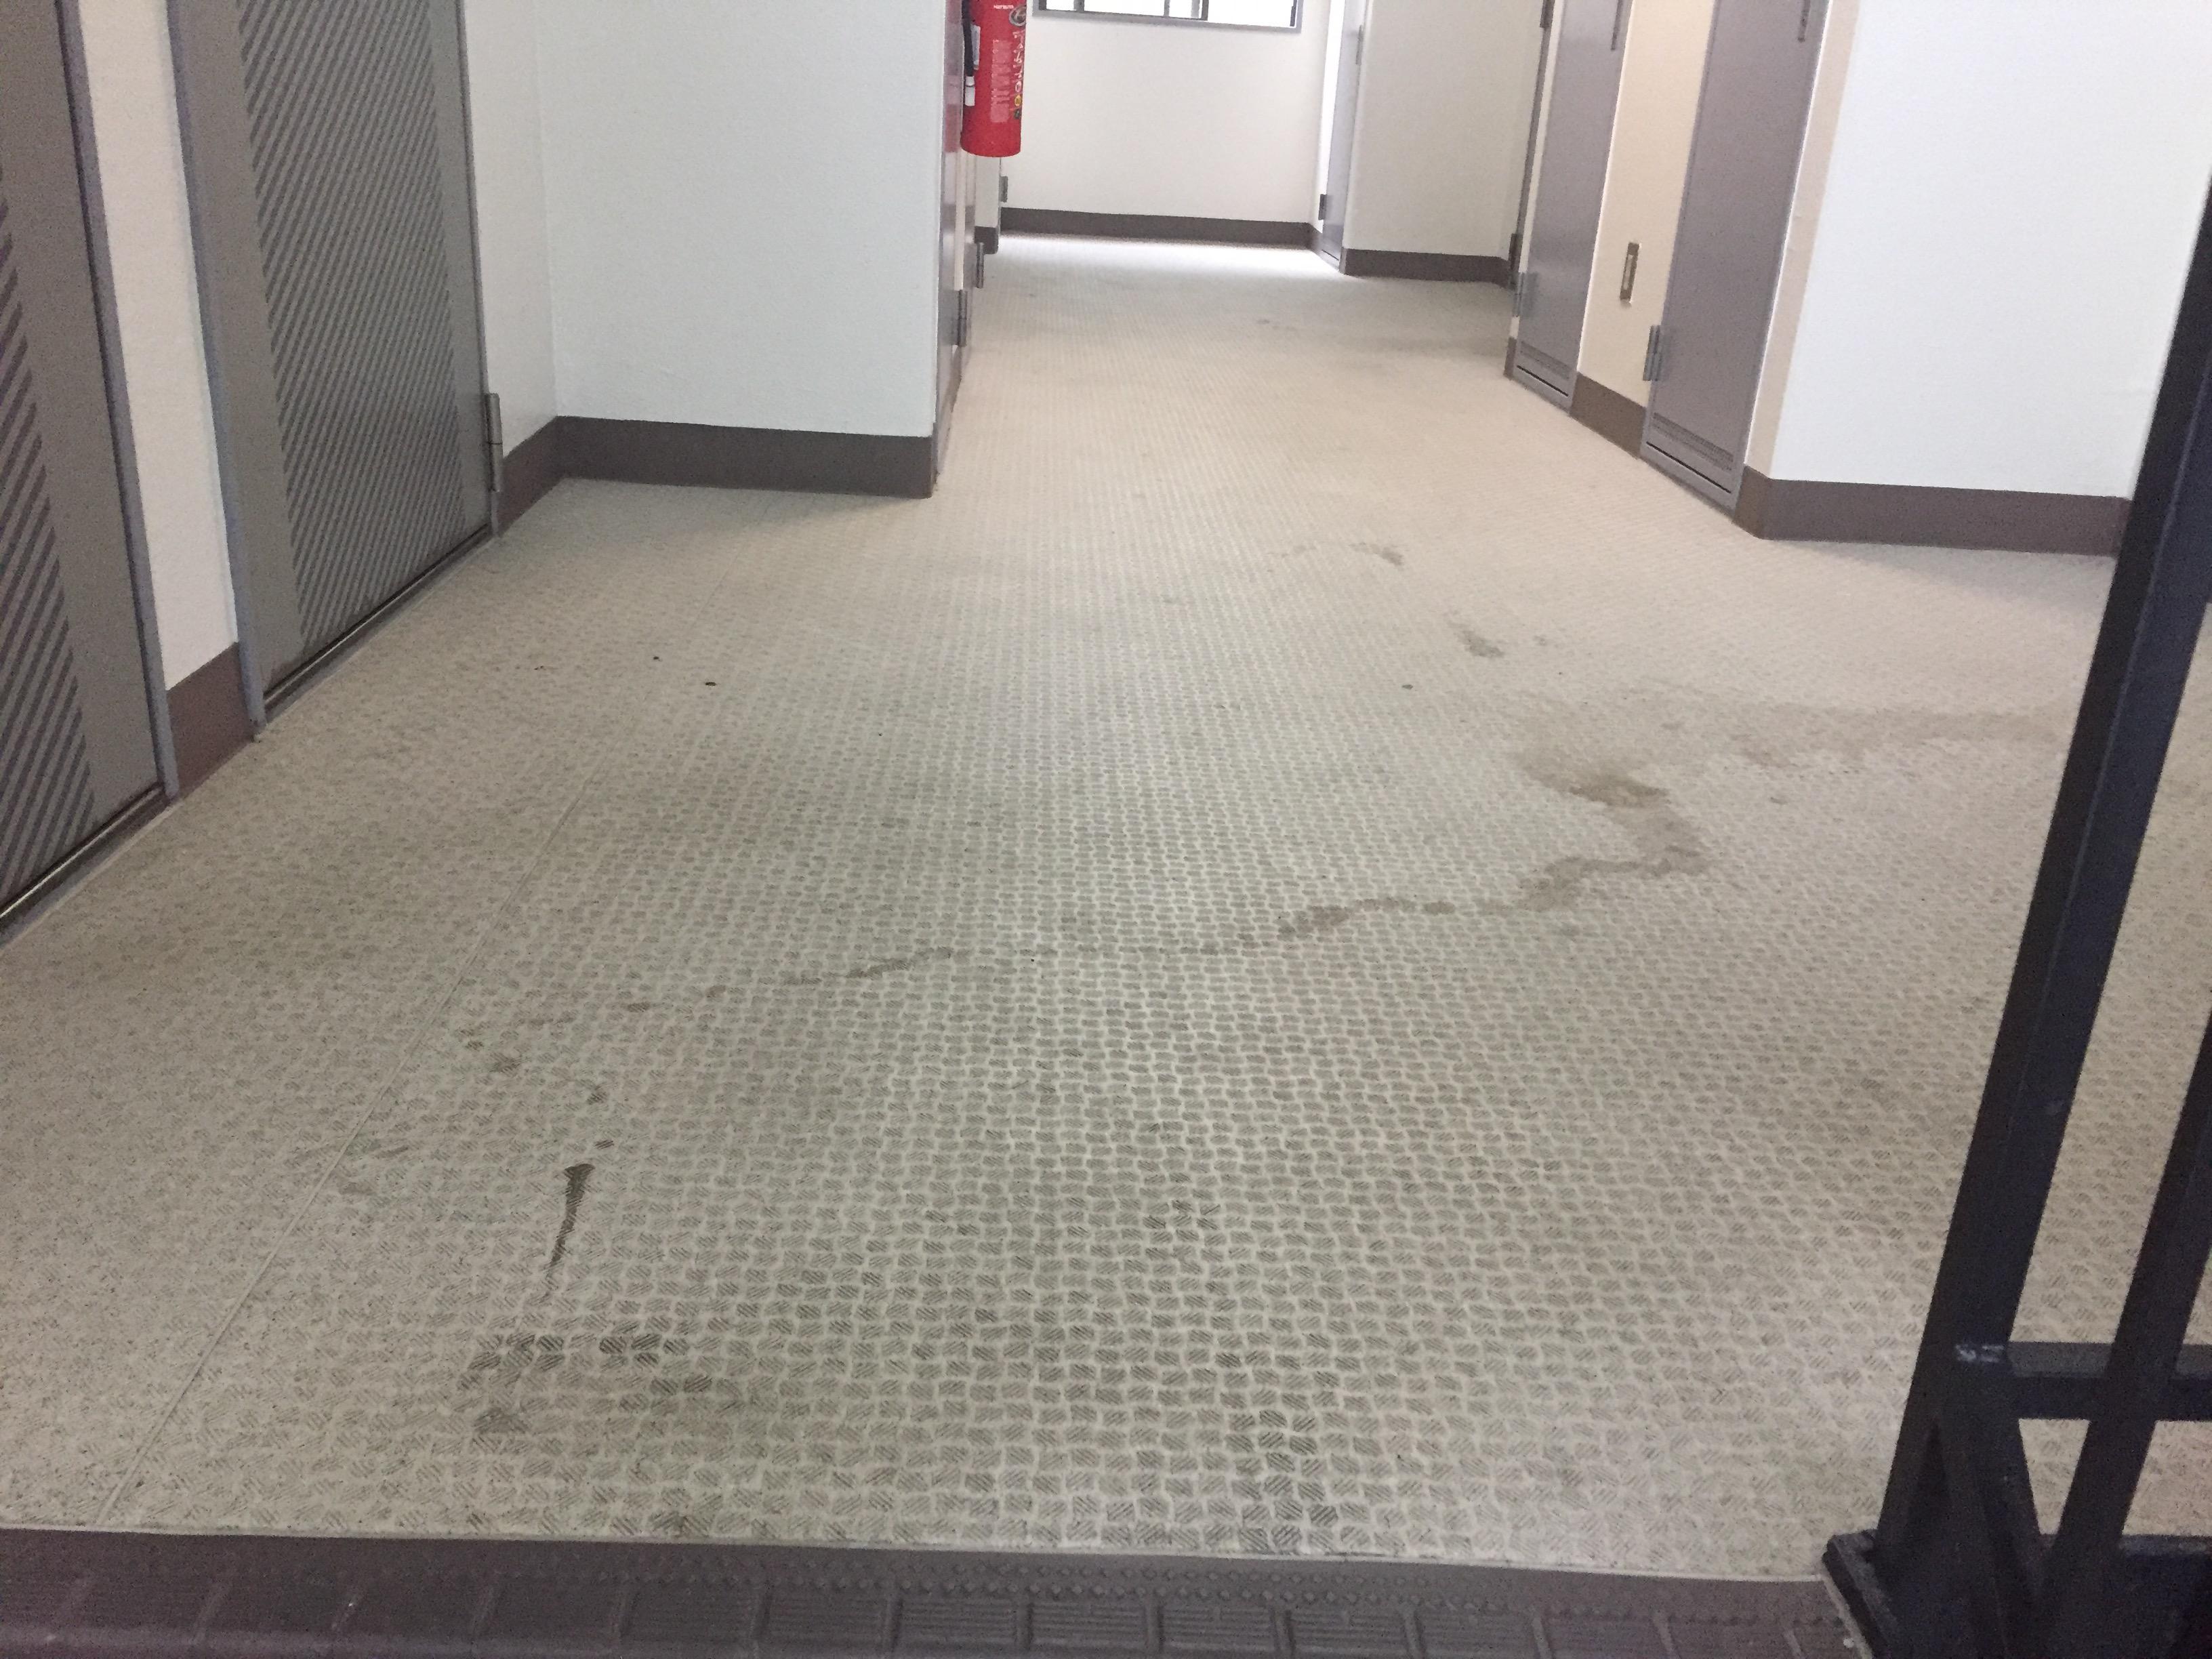 マンション共有部の清掃~床の汚れ・黒ずみの除去!定期的清掃はおそうじプラスにお任せ下さい!